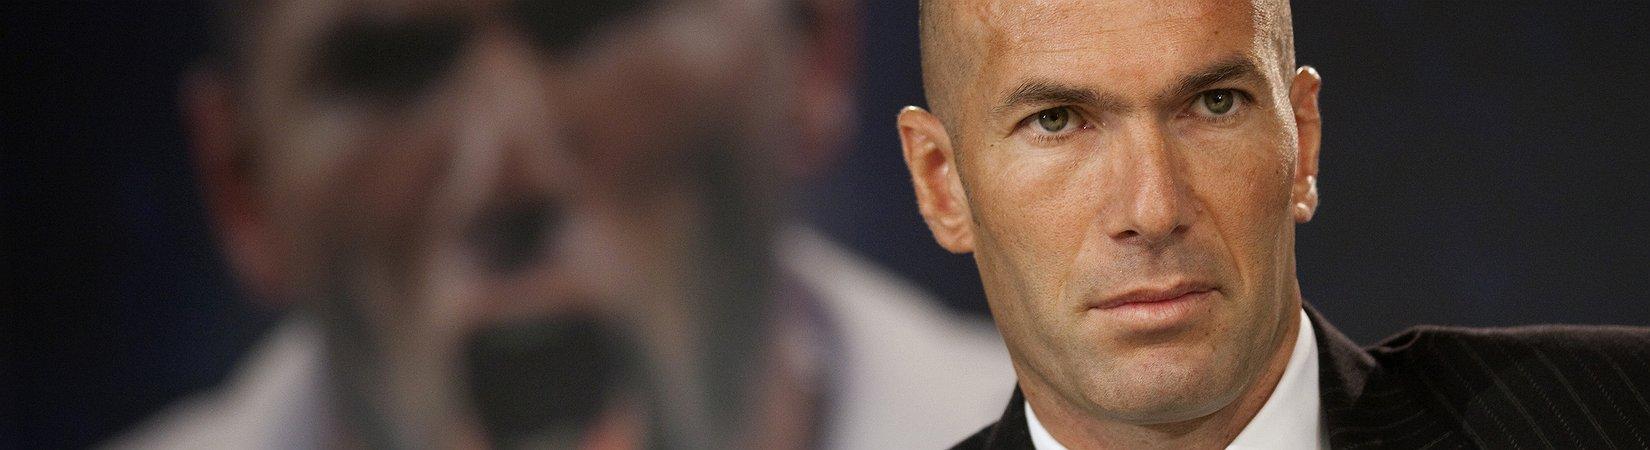 Die Magie von Zidane kommt auf die Bank von Real Madrid